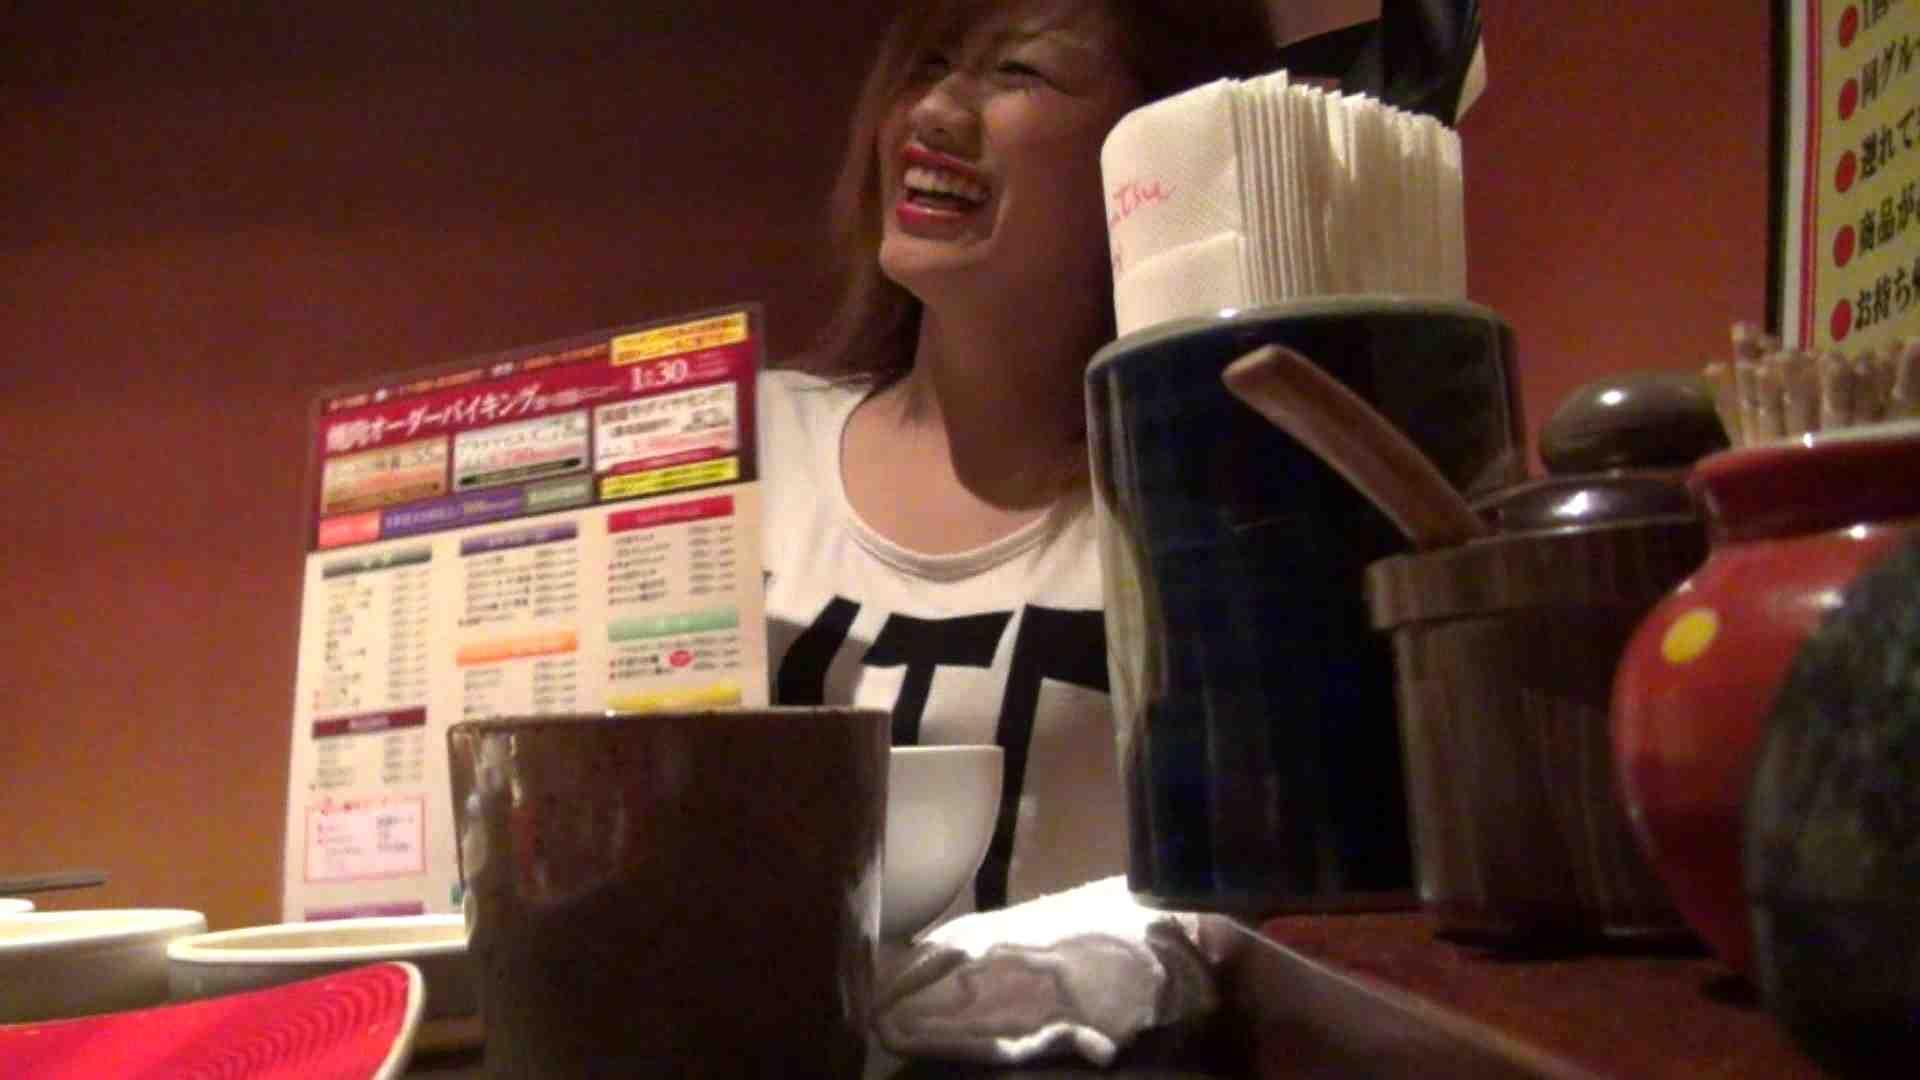 【出会い01】大助さんMちゃんと食事会 エッチすぎる友人  54連発 6